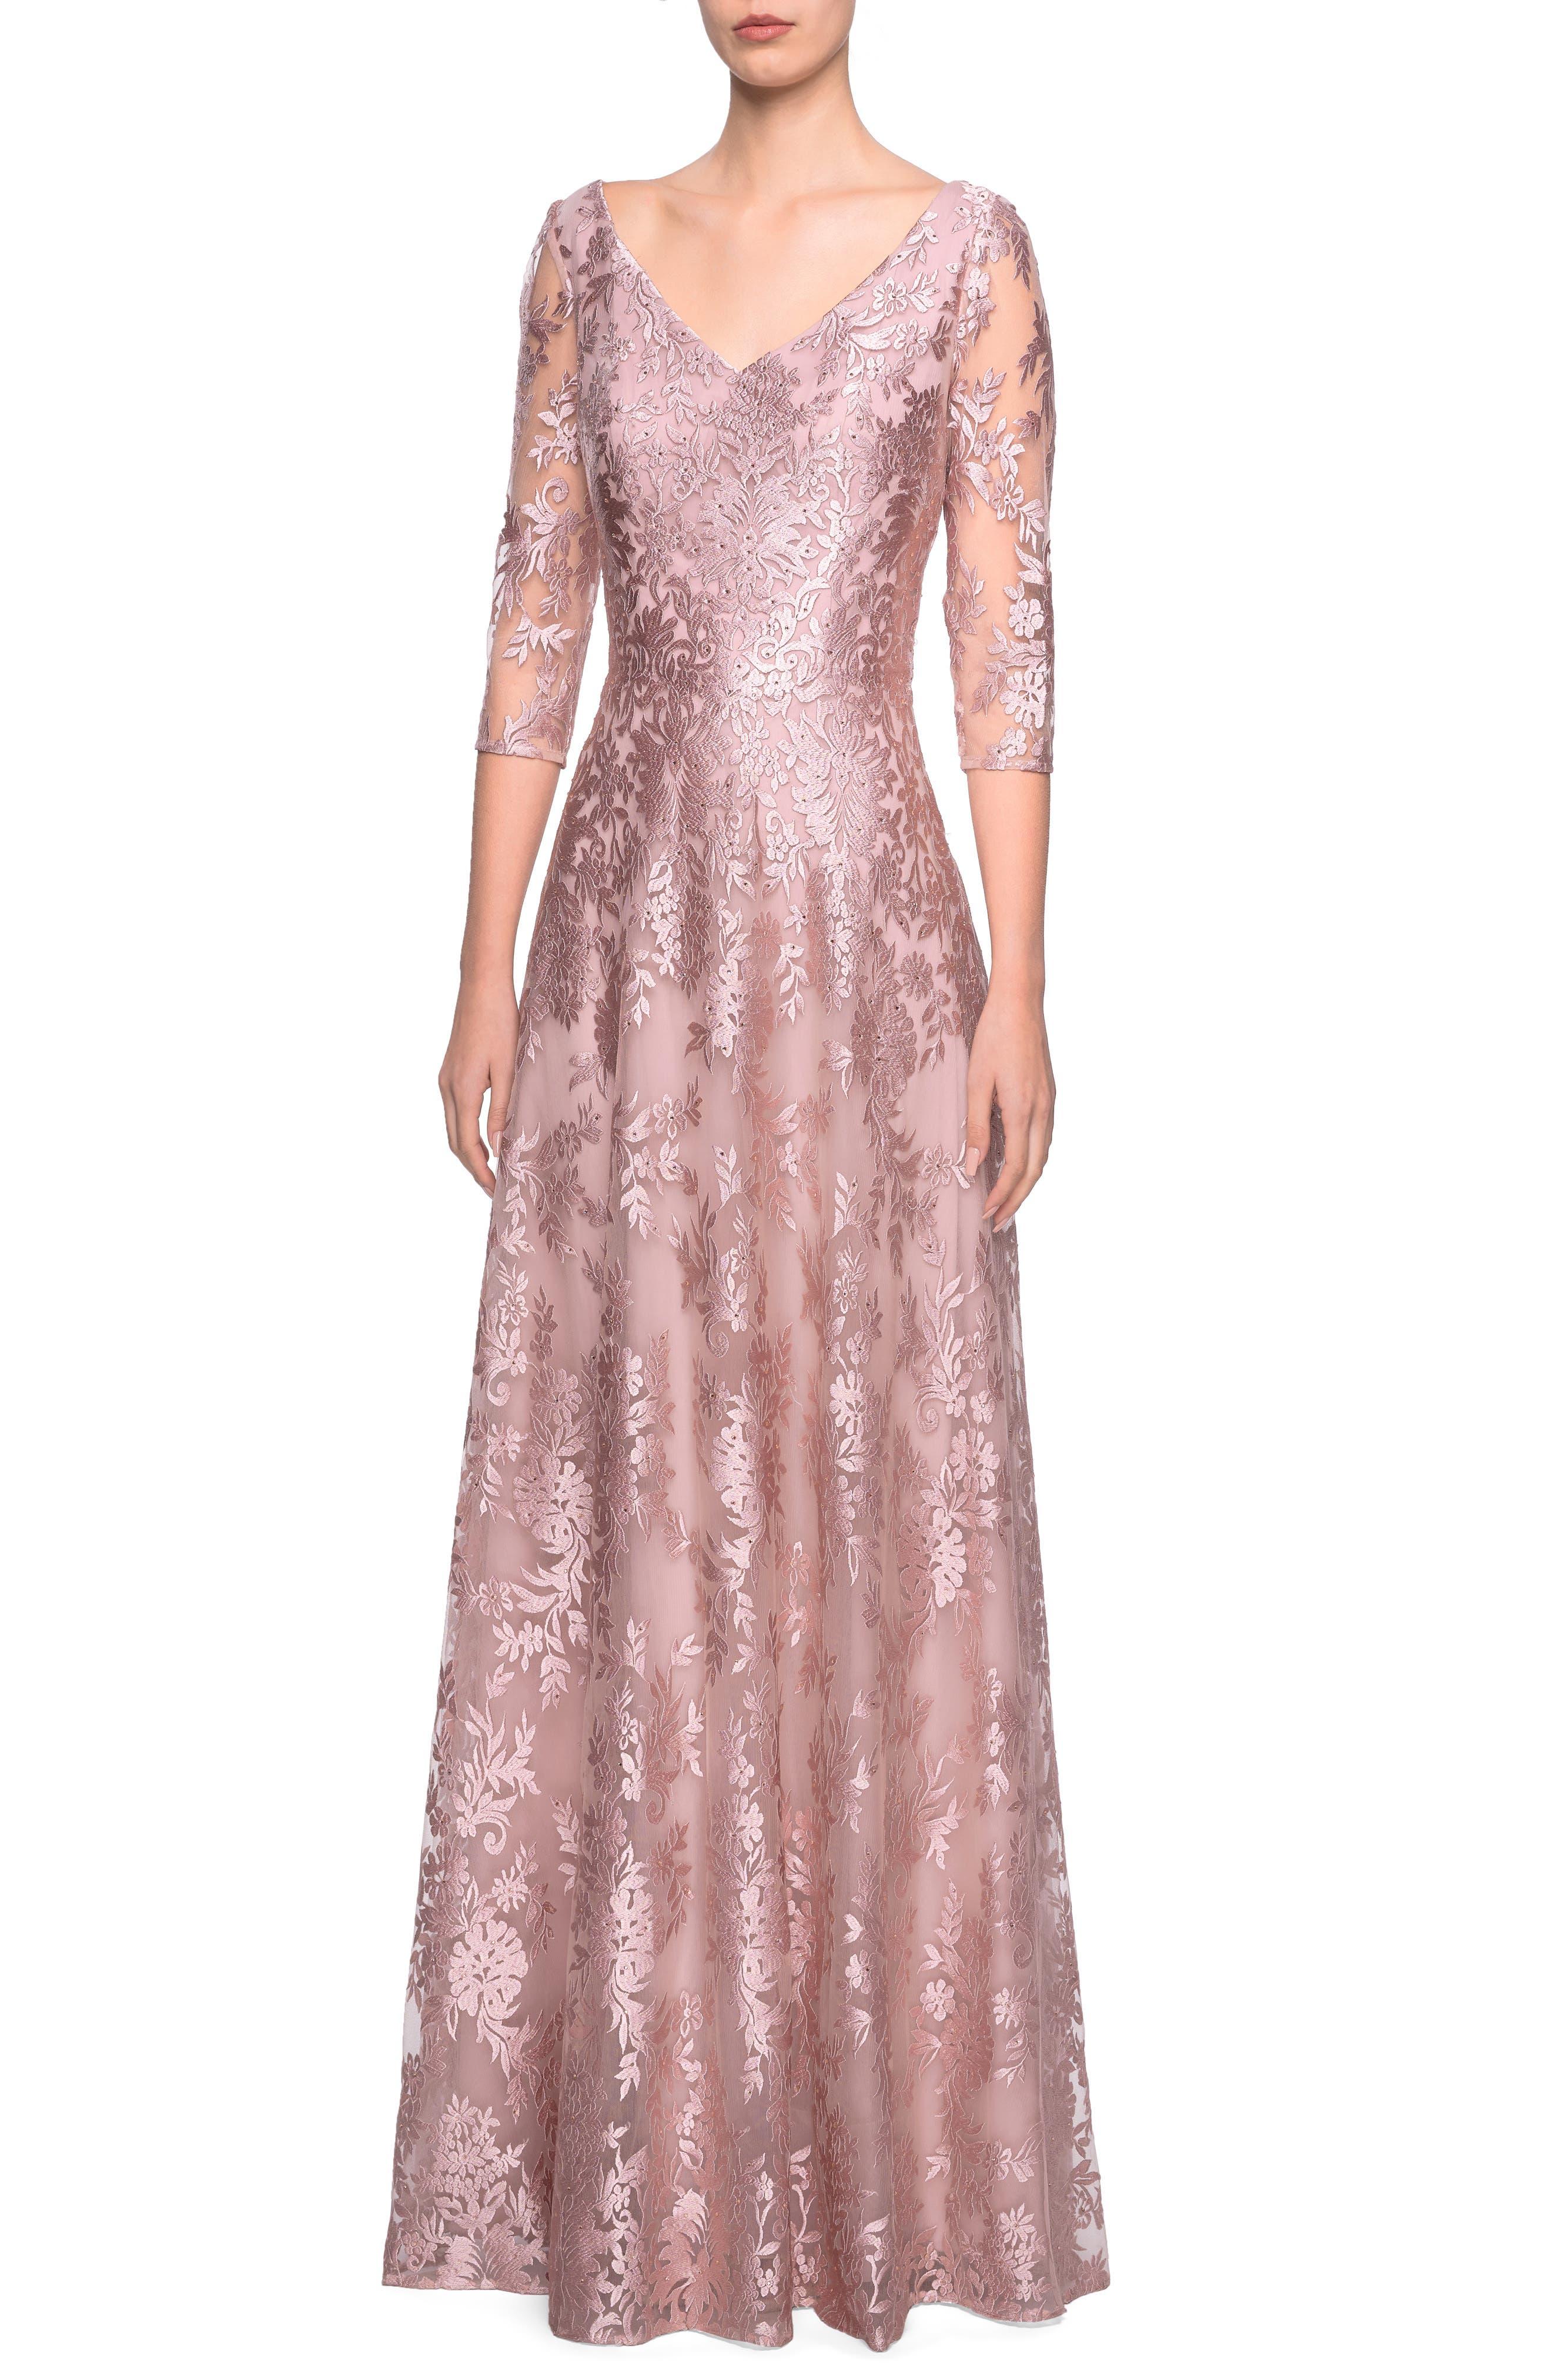 La Femme V-Neck Metallic Embroidered Evening Dress, Pink